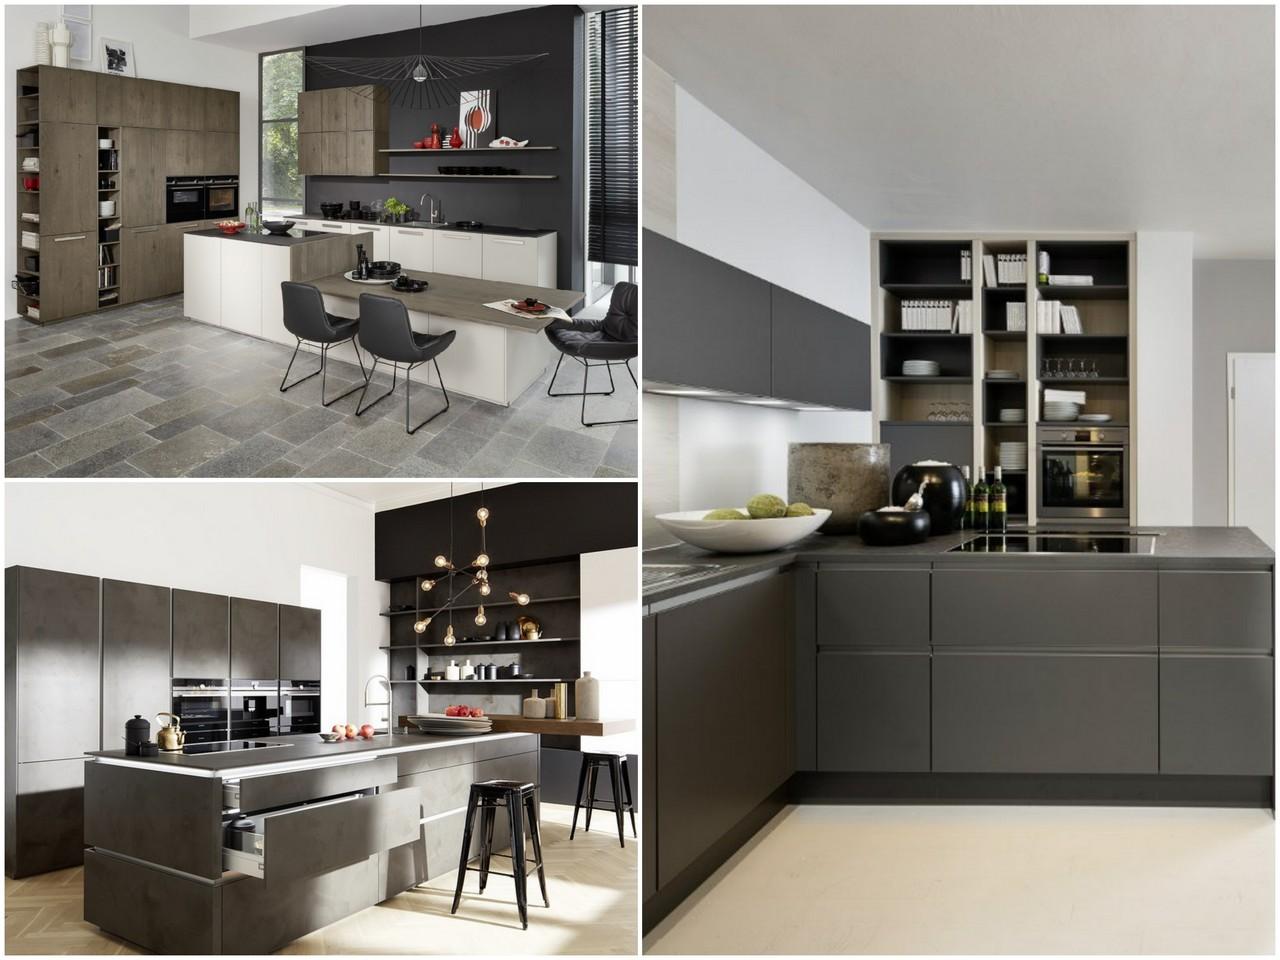 Качественная кухонная мебель по приемлемым ценам